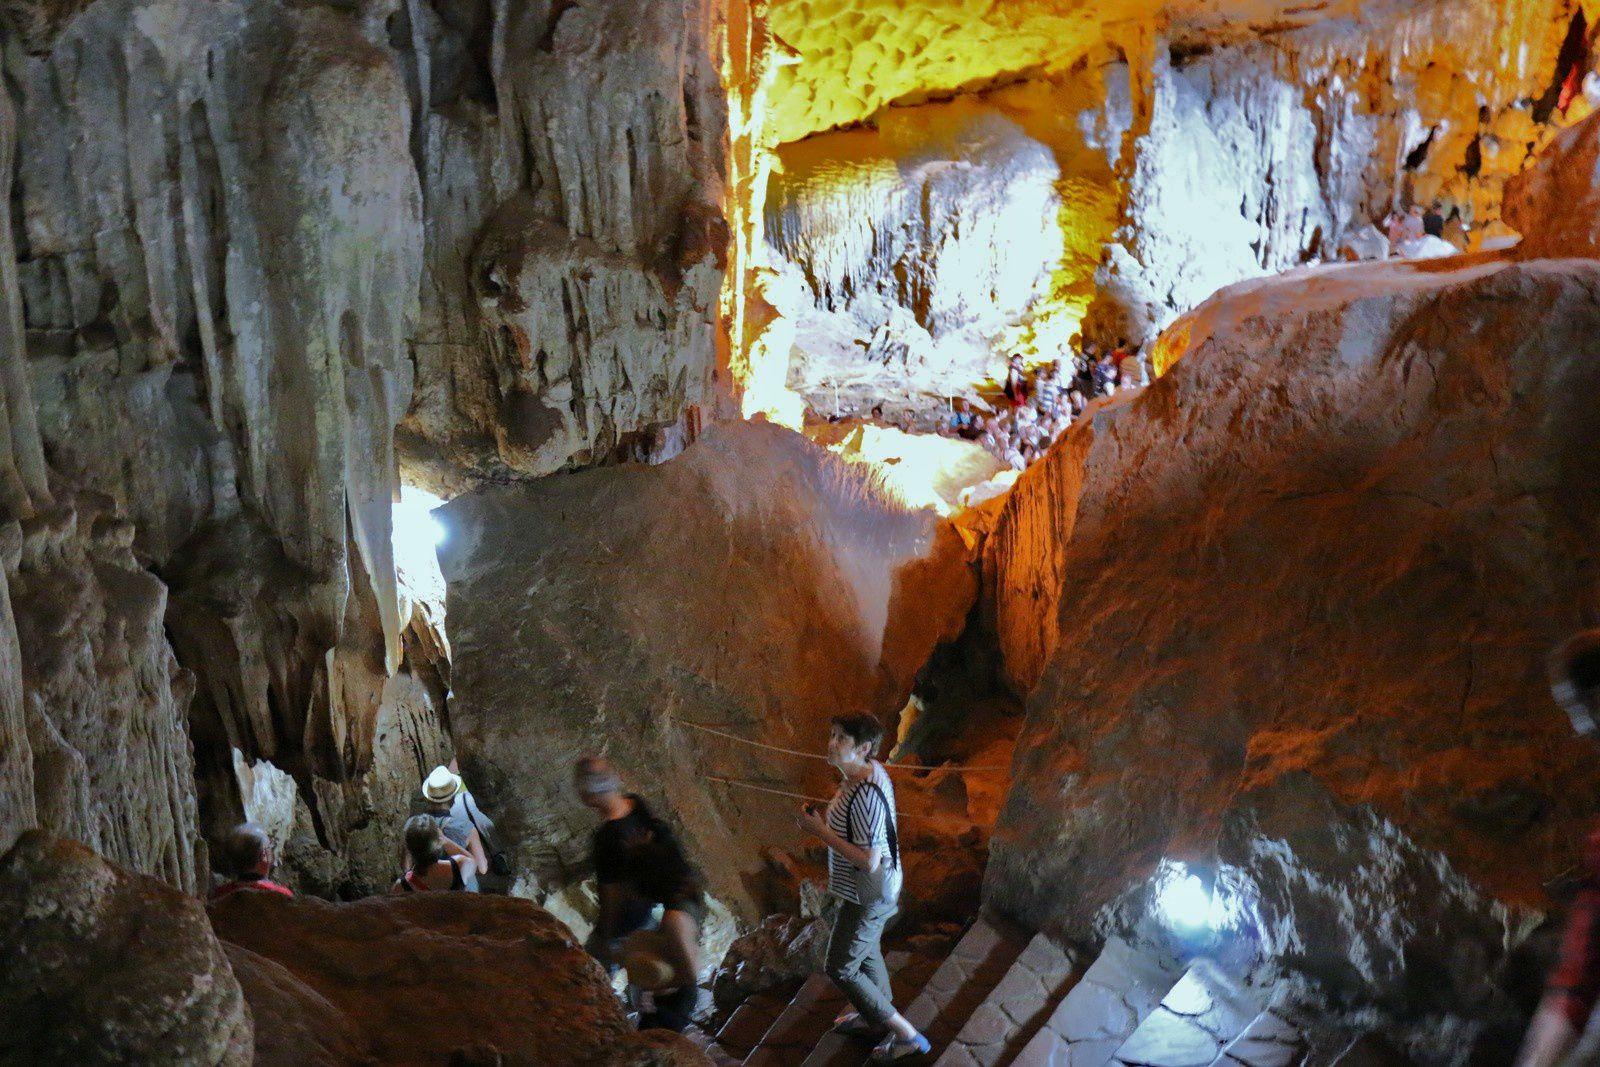 La grotte de Sửng Sốt (2/2), baie d'Halong au Vietnam